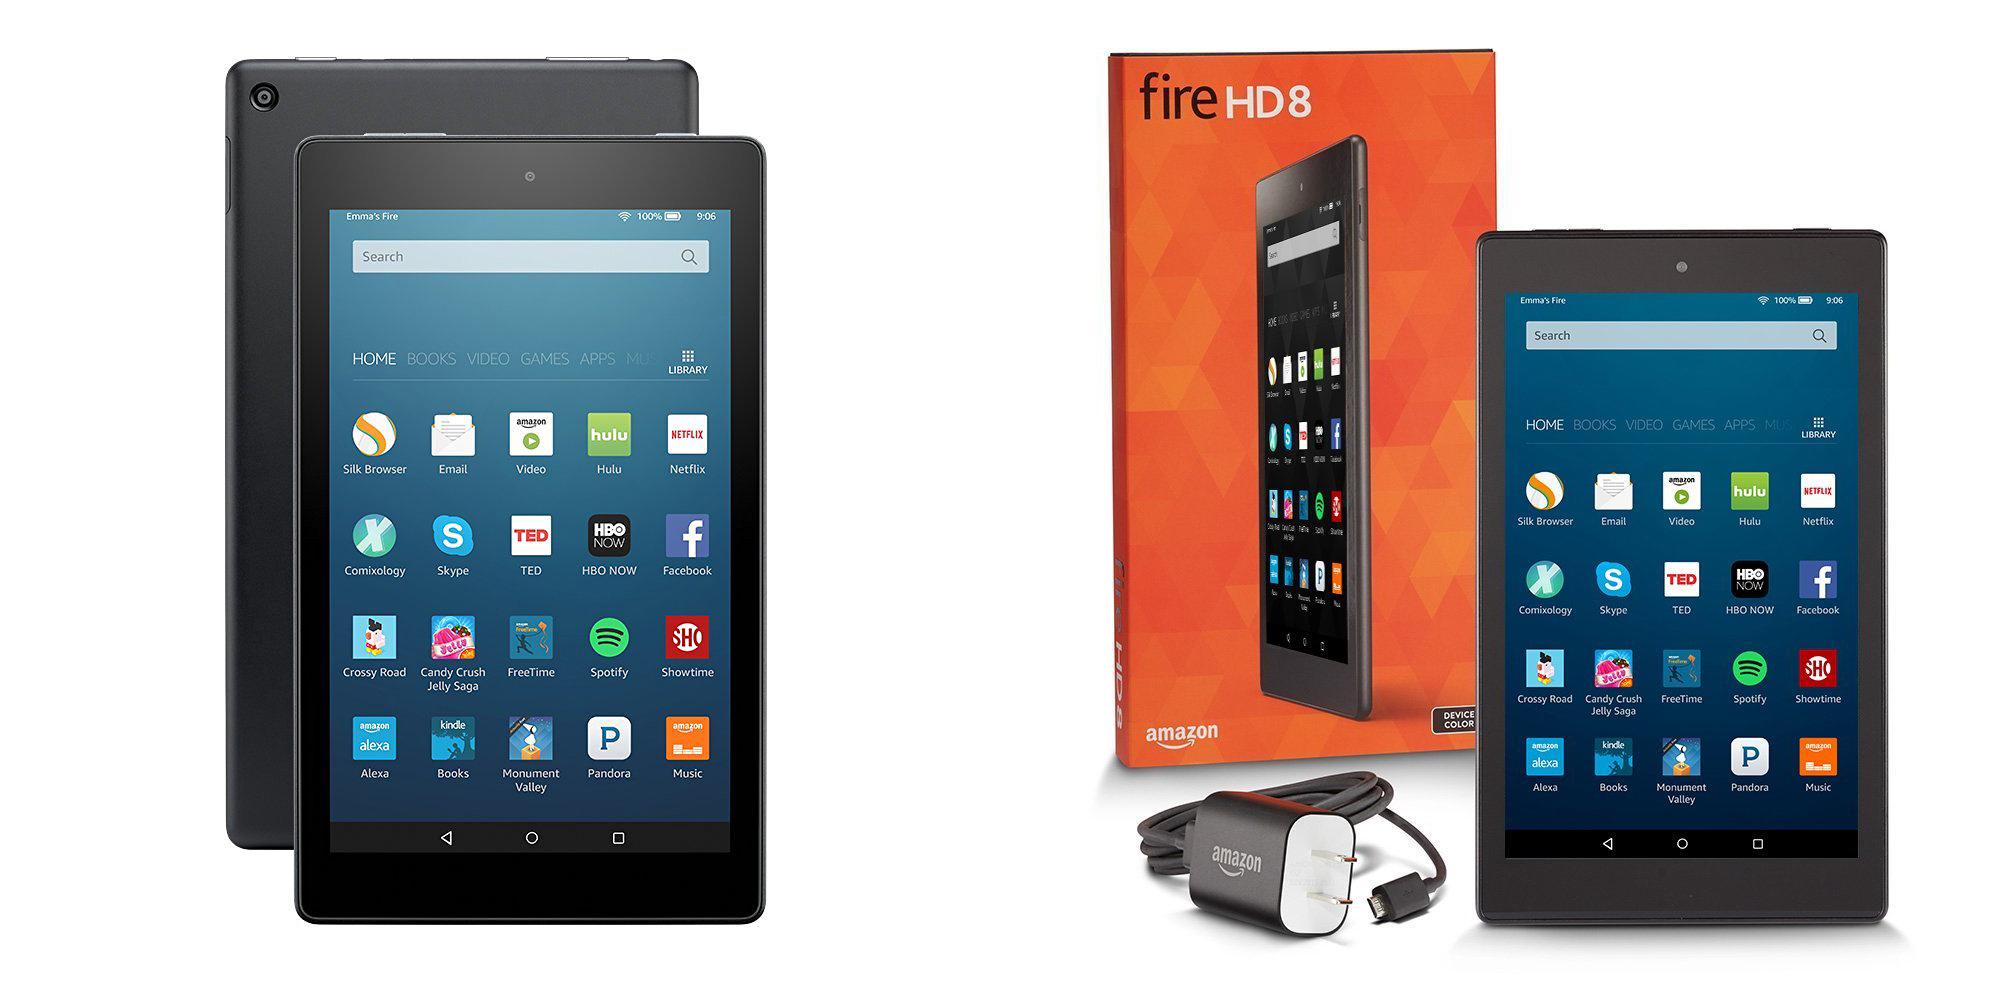 fire-hd8-amazon